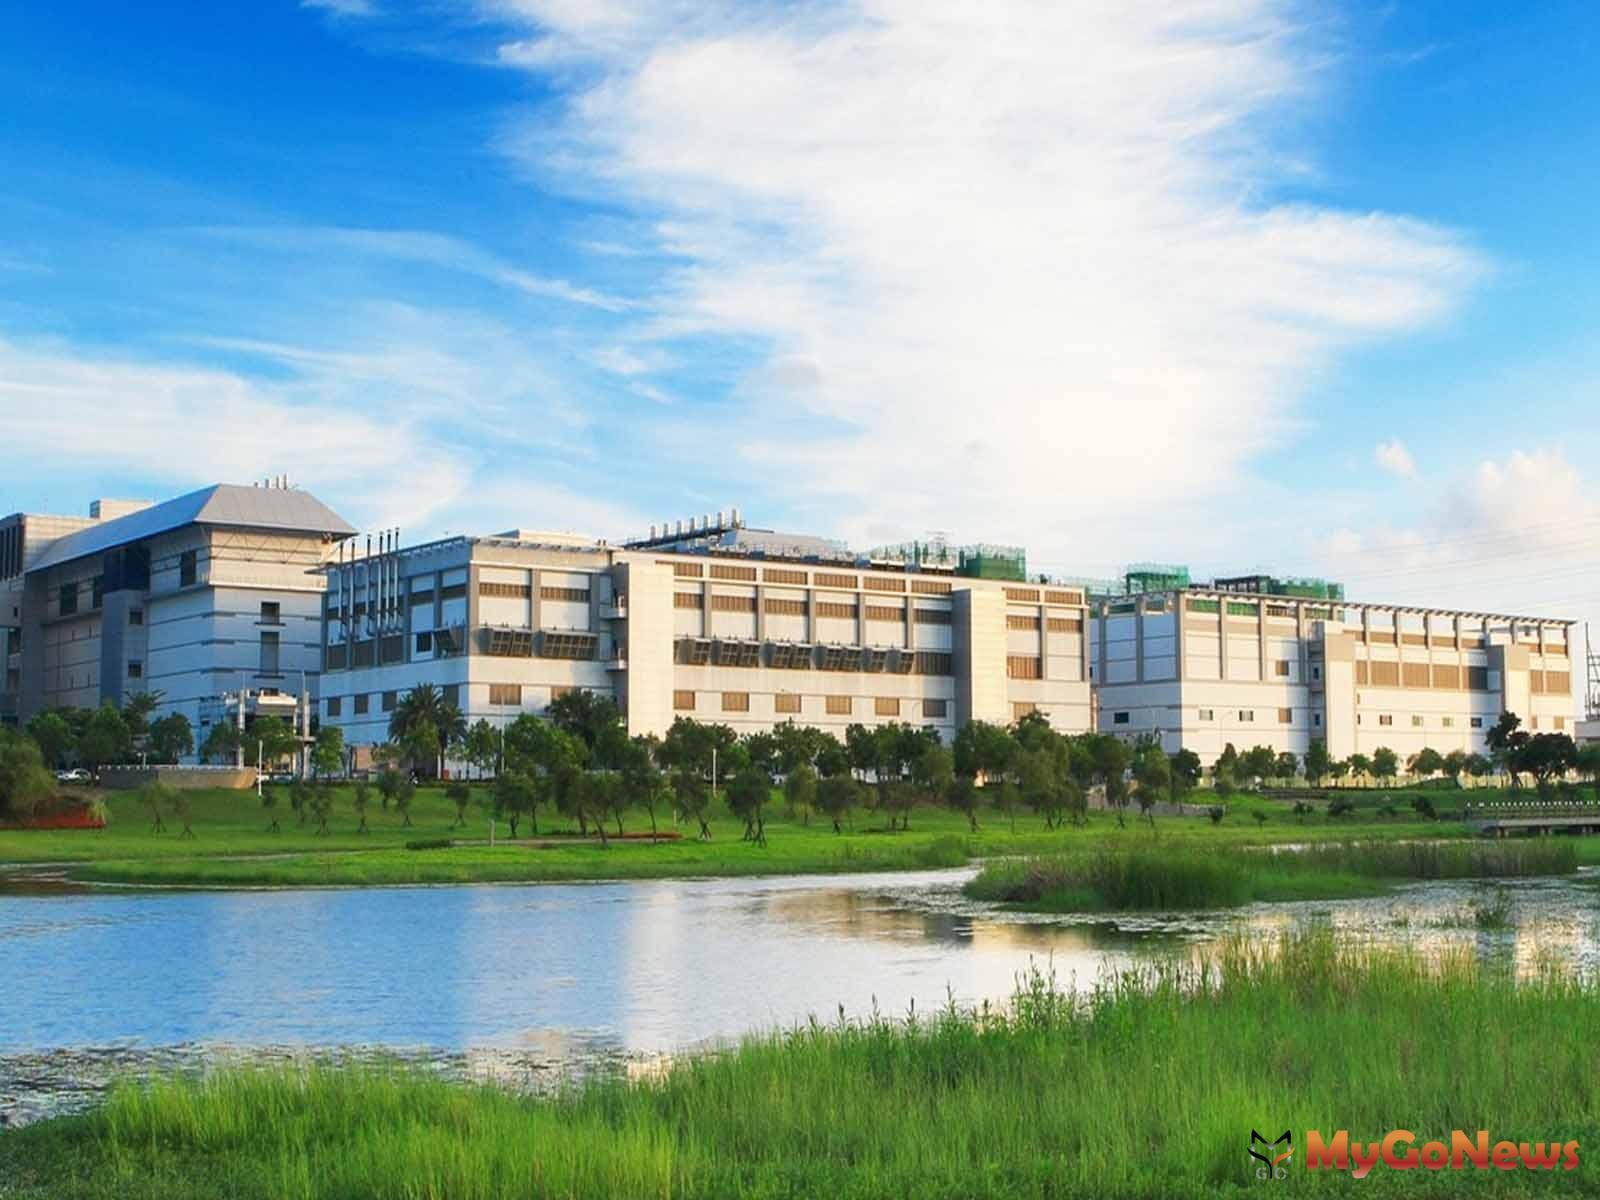 台積電2020年在台南購入百億土地,預估未來將在南科投資2兆元,整體員工數將增加三成(圖/業者提供)。 MyGoNews房地產新聞 熱銷推案